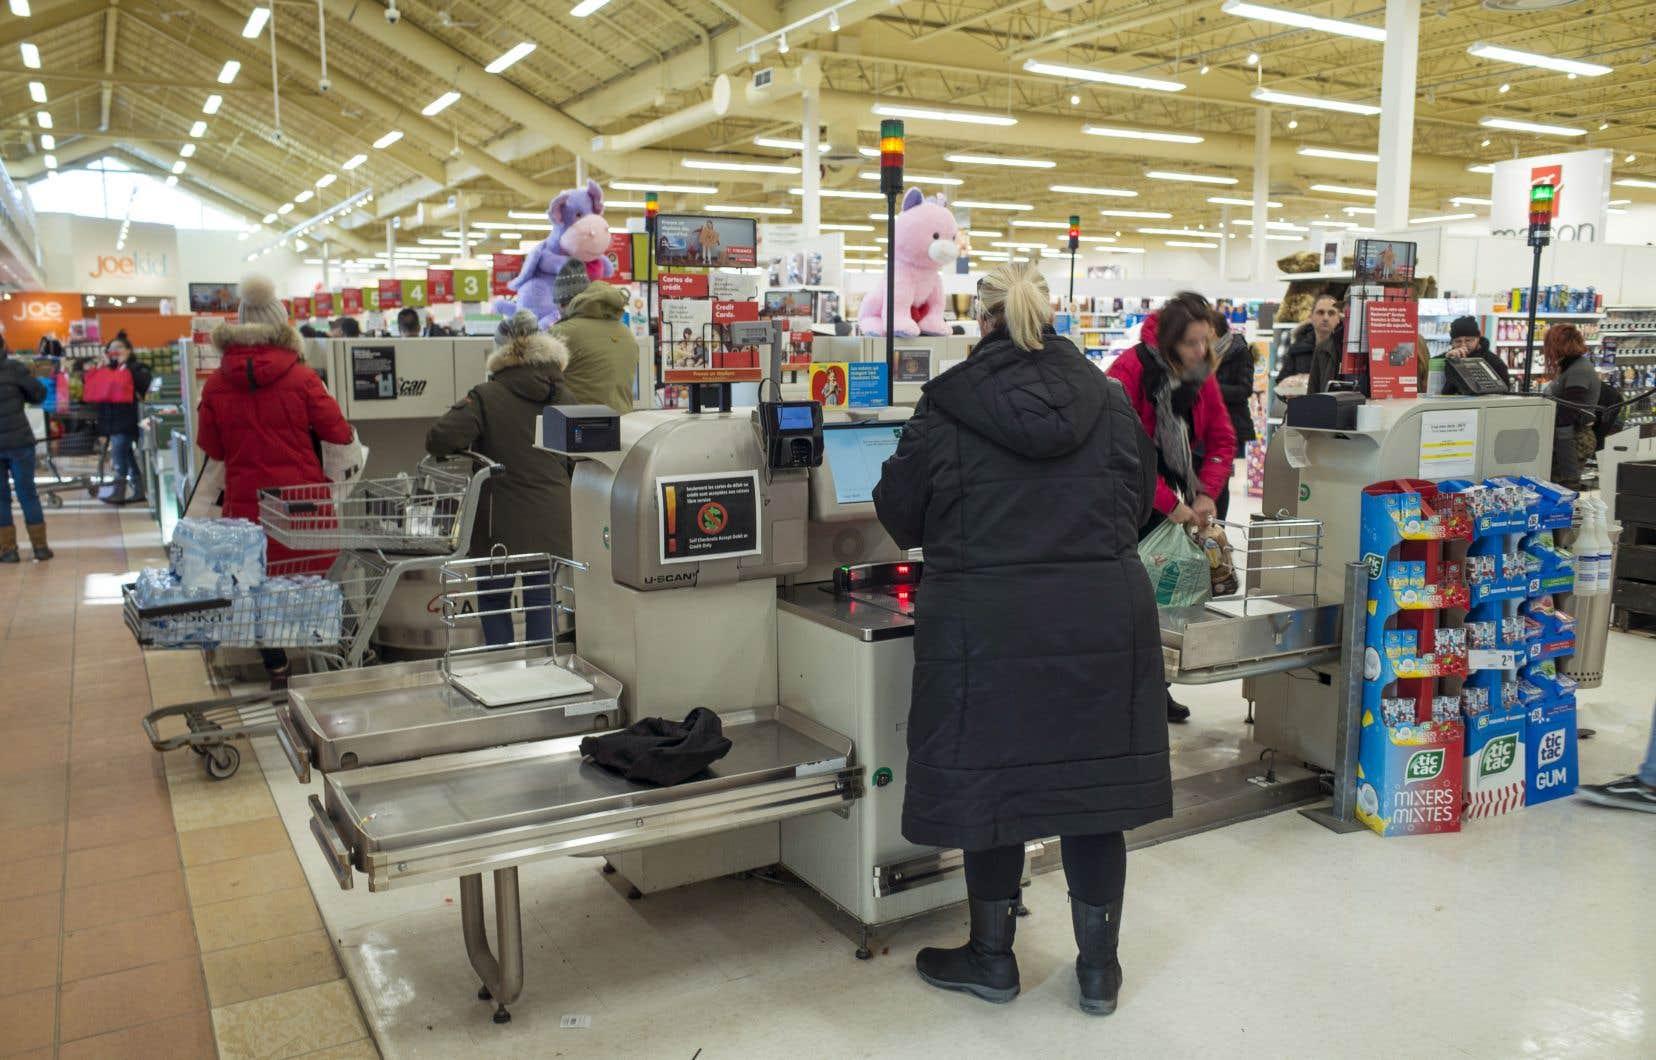 L'inflation s'est révélée moins prononcée au Québec (1,3%) qu'en Ontario (1,5%), en Alberta (1,6%) et en Colombie-Britannique (2,2%).